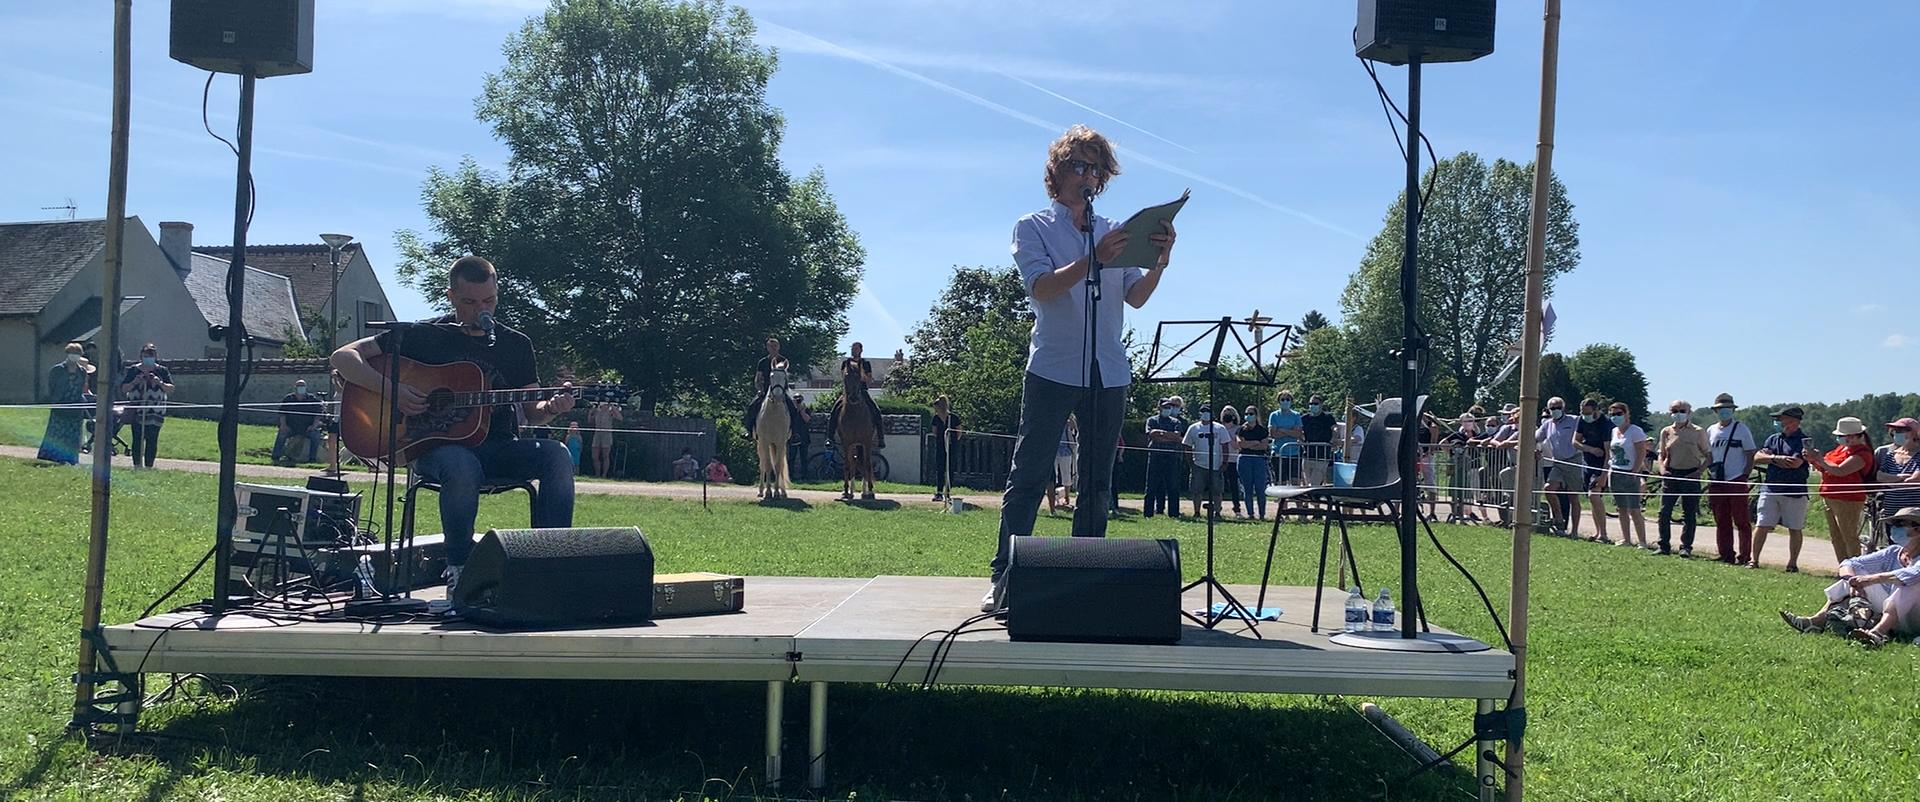 Alex Lutz donne son spectacle lors de la journée l'Escale Combleux du 13 juin